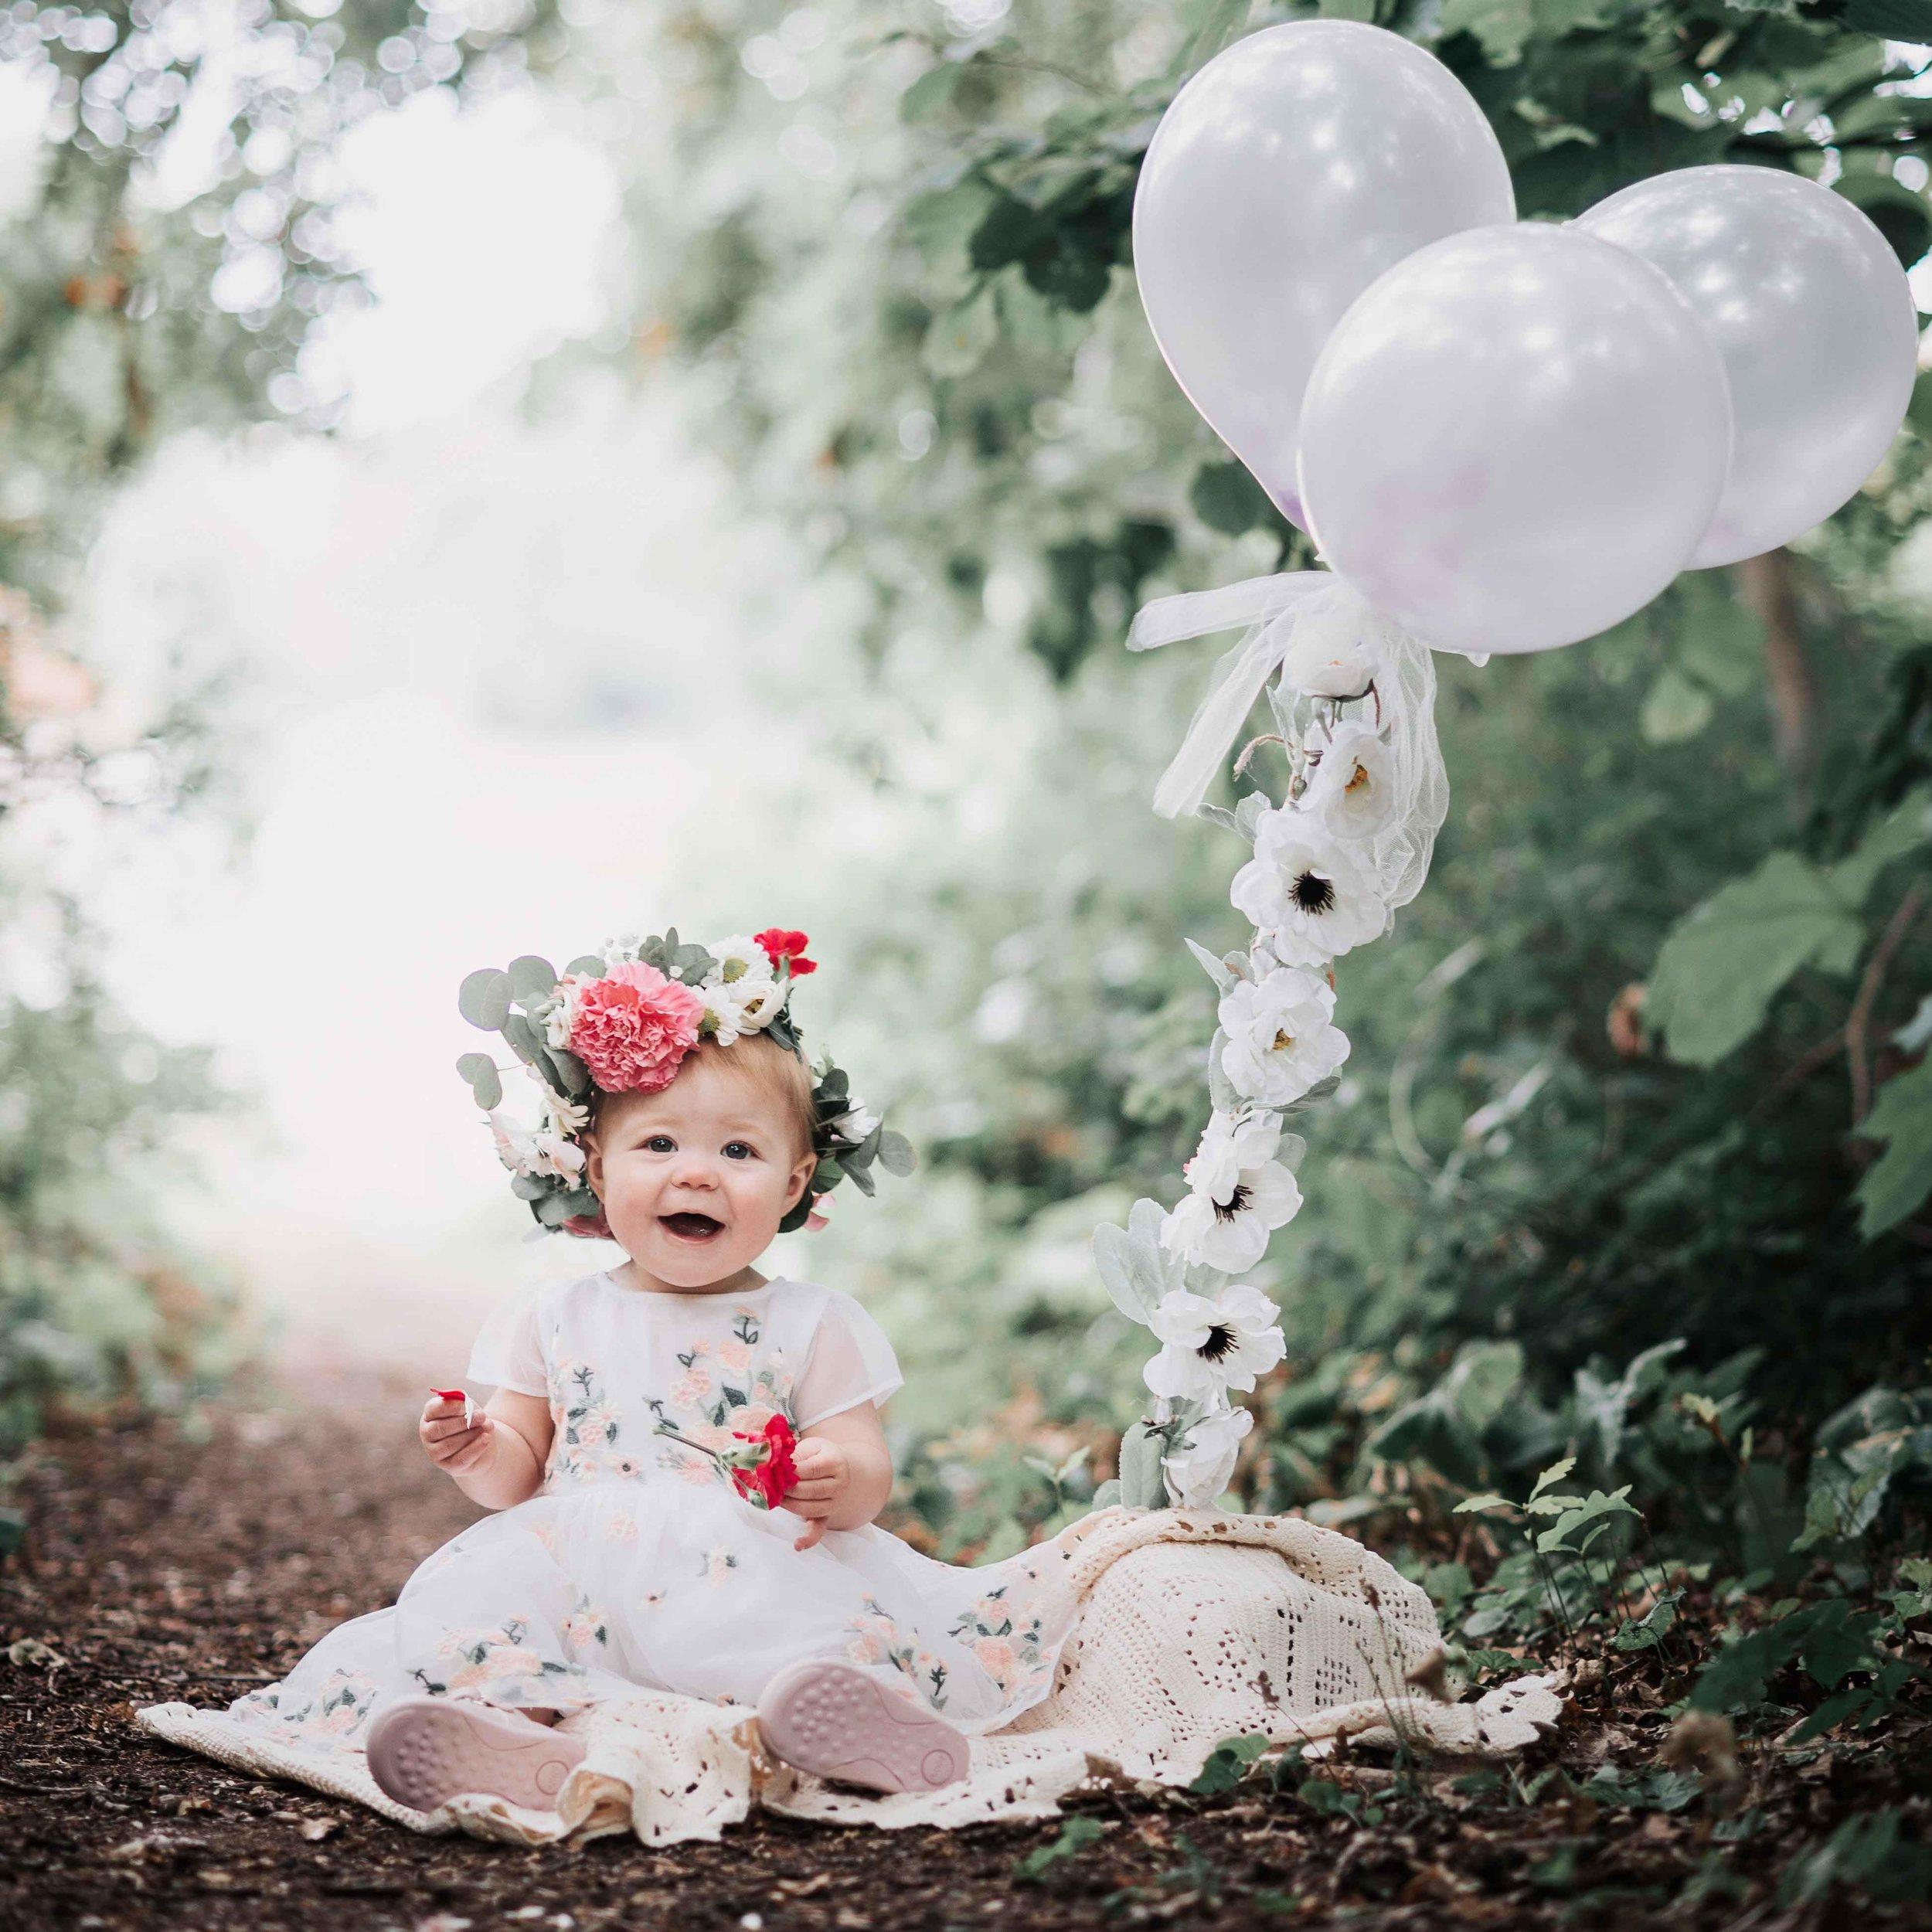 Barnfoto - Fånga de små stunderna.Vi bestämmer tillsammans en plats som passar för den typ av barnfotografering ni önskar. En fotografering tar ca 1h beroende på önskade bilder.ca 15 - 25 högupplösta bilder.